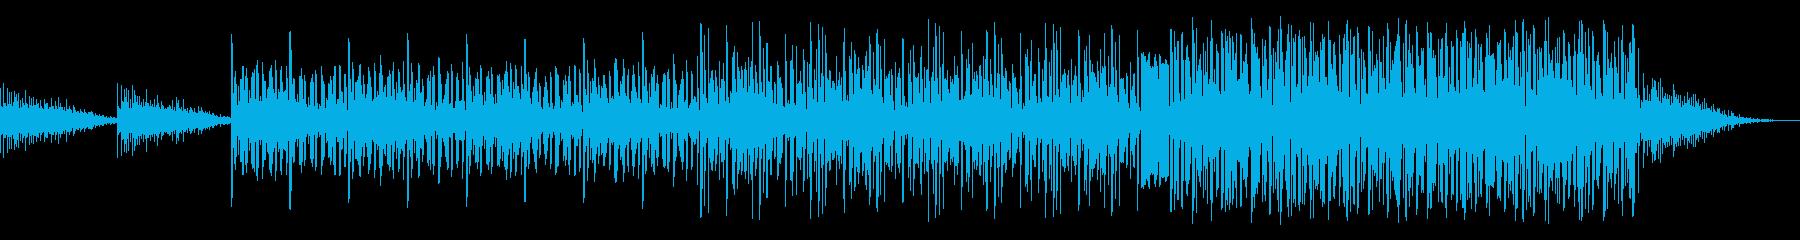 波の音が特徴的なミステリー向け曲の再生済みの波形